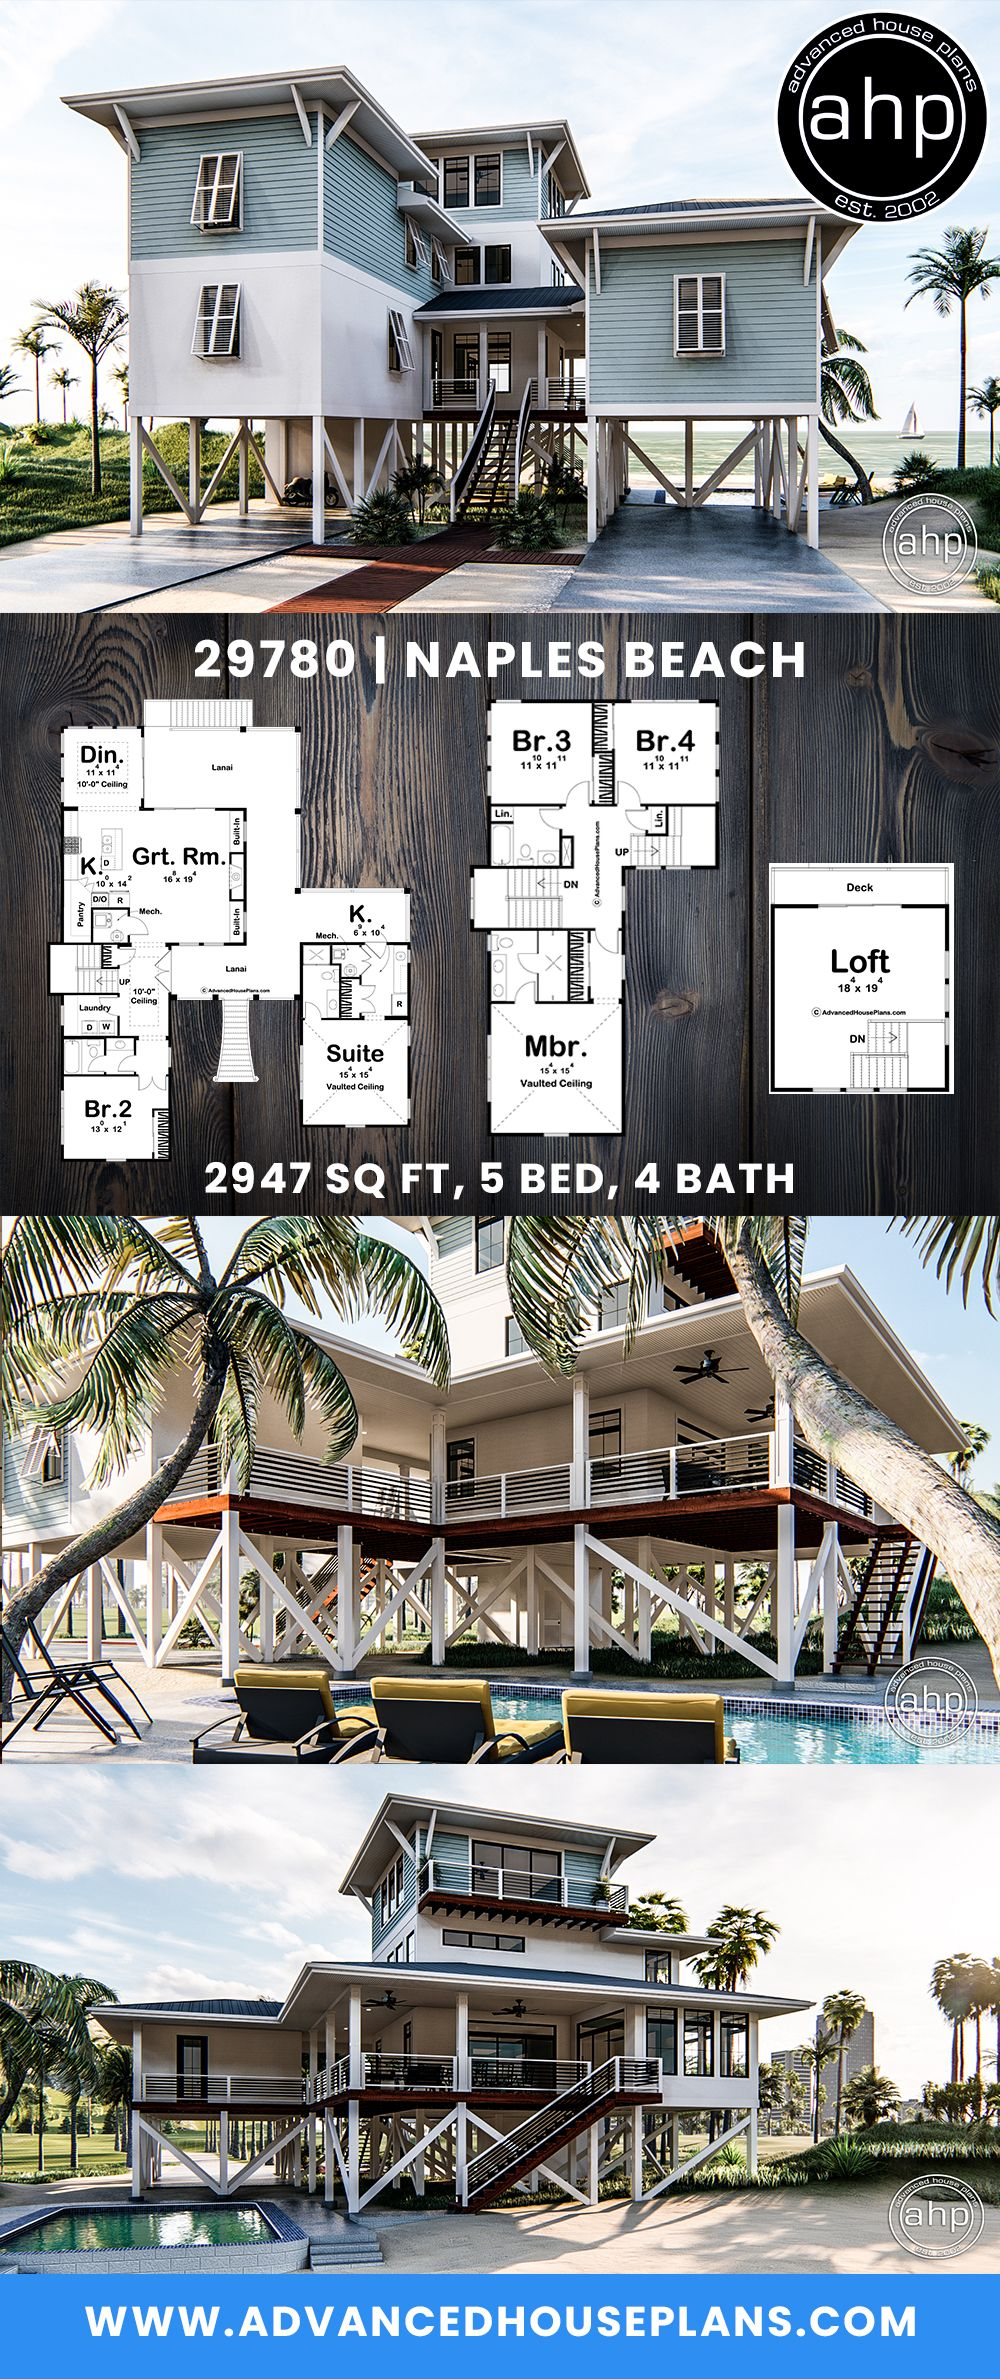 Coastal Beach House Plan Naples Beach Beach House Plans Coastal House Plans Beach House Plan